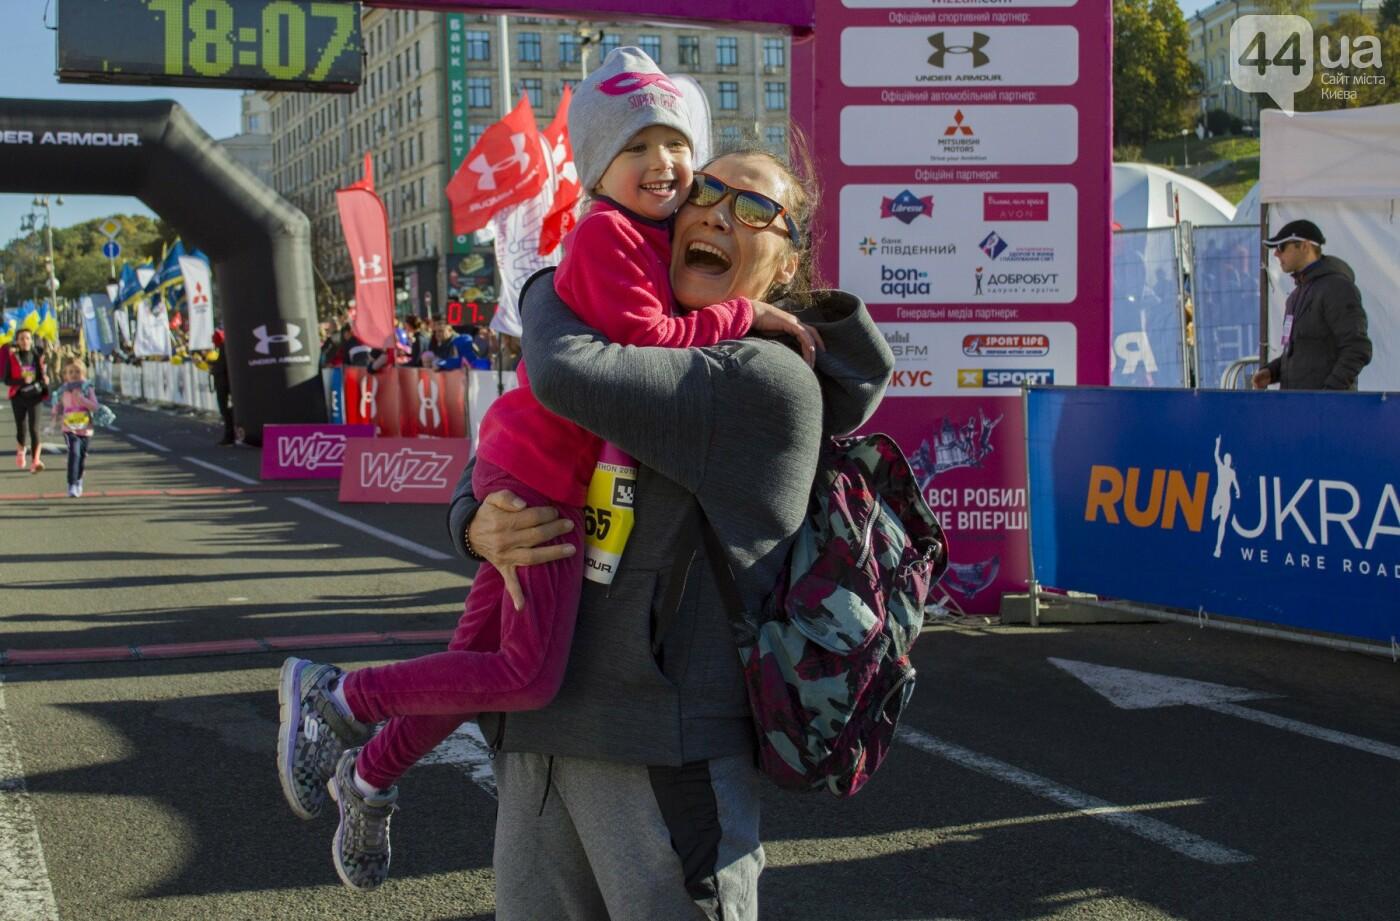 В центре Киева тысячи семей, детей и воинов АТО пробежали марафон, - ФОТОРЕПОРТАЖ, фото-21